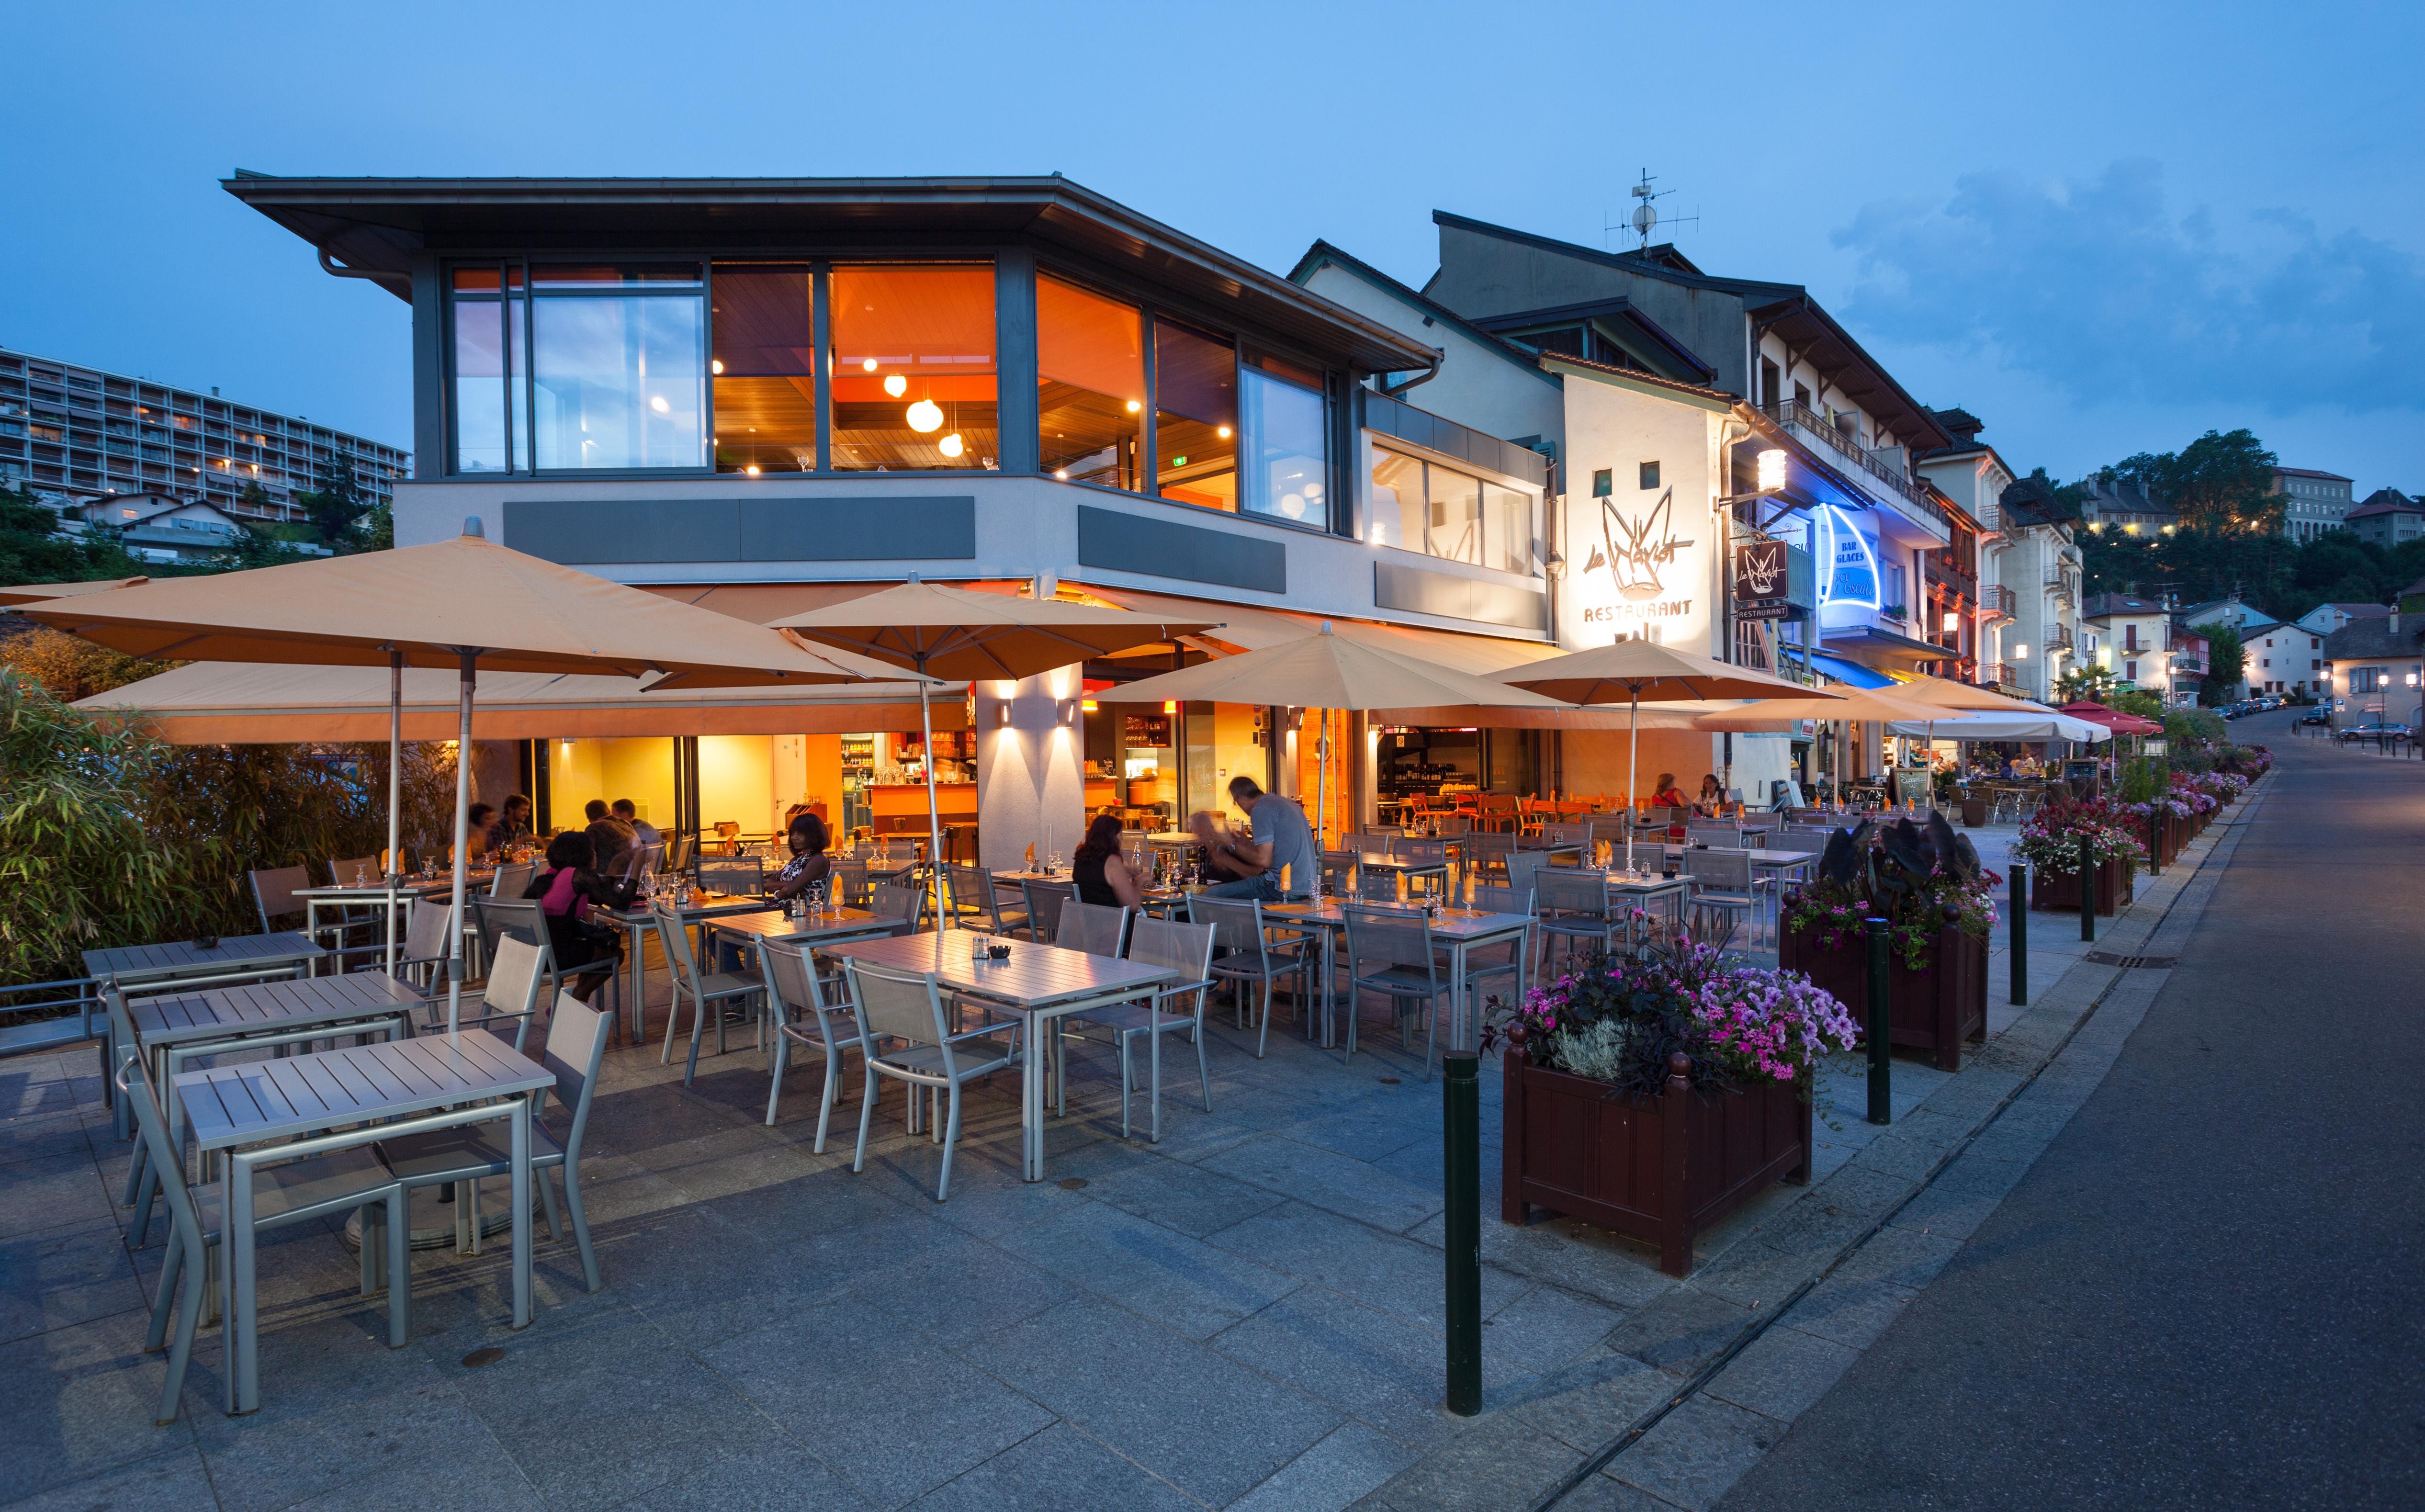 Le naviot thonon les bains ch teau de ripaille - Restaurant port de thonon ...